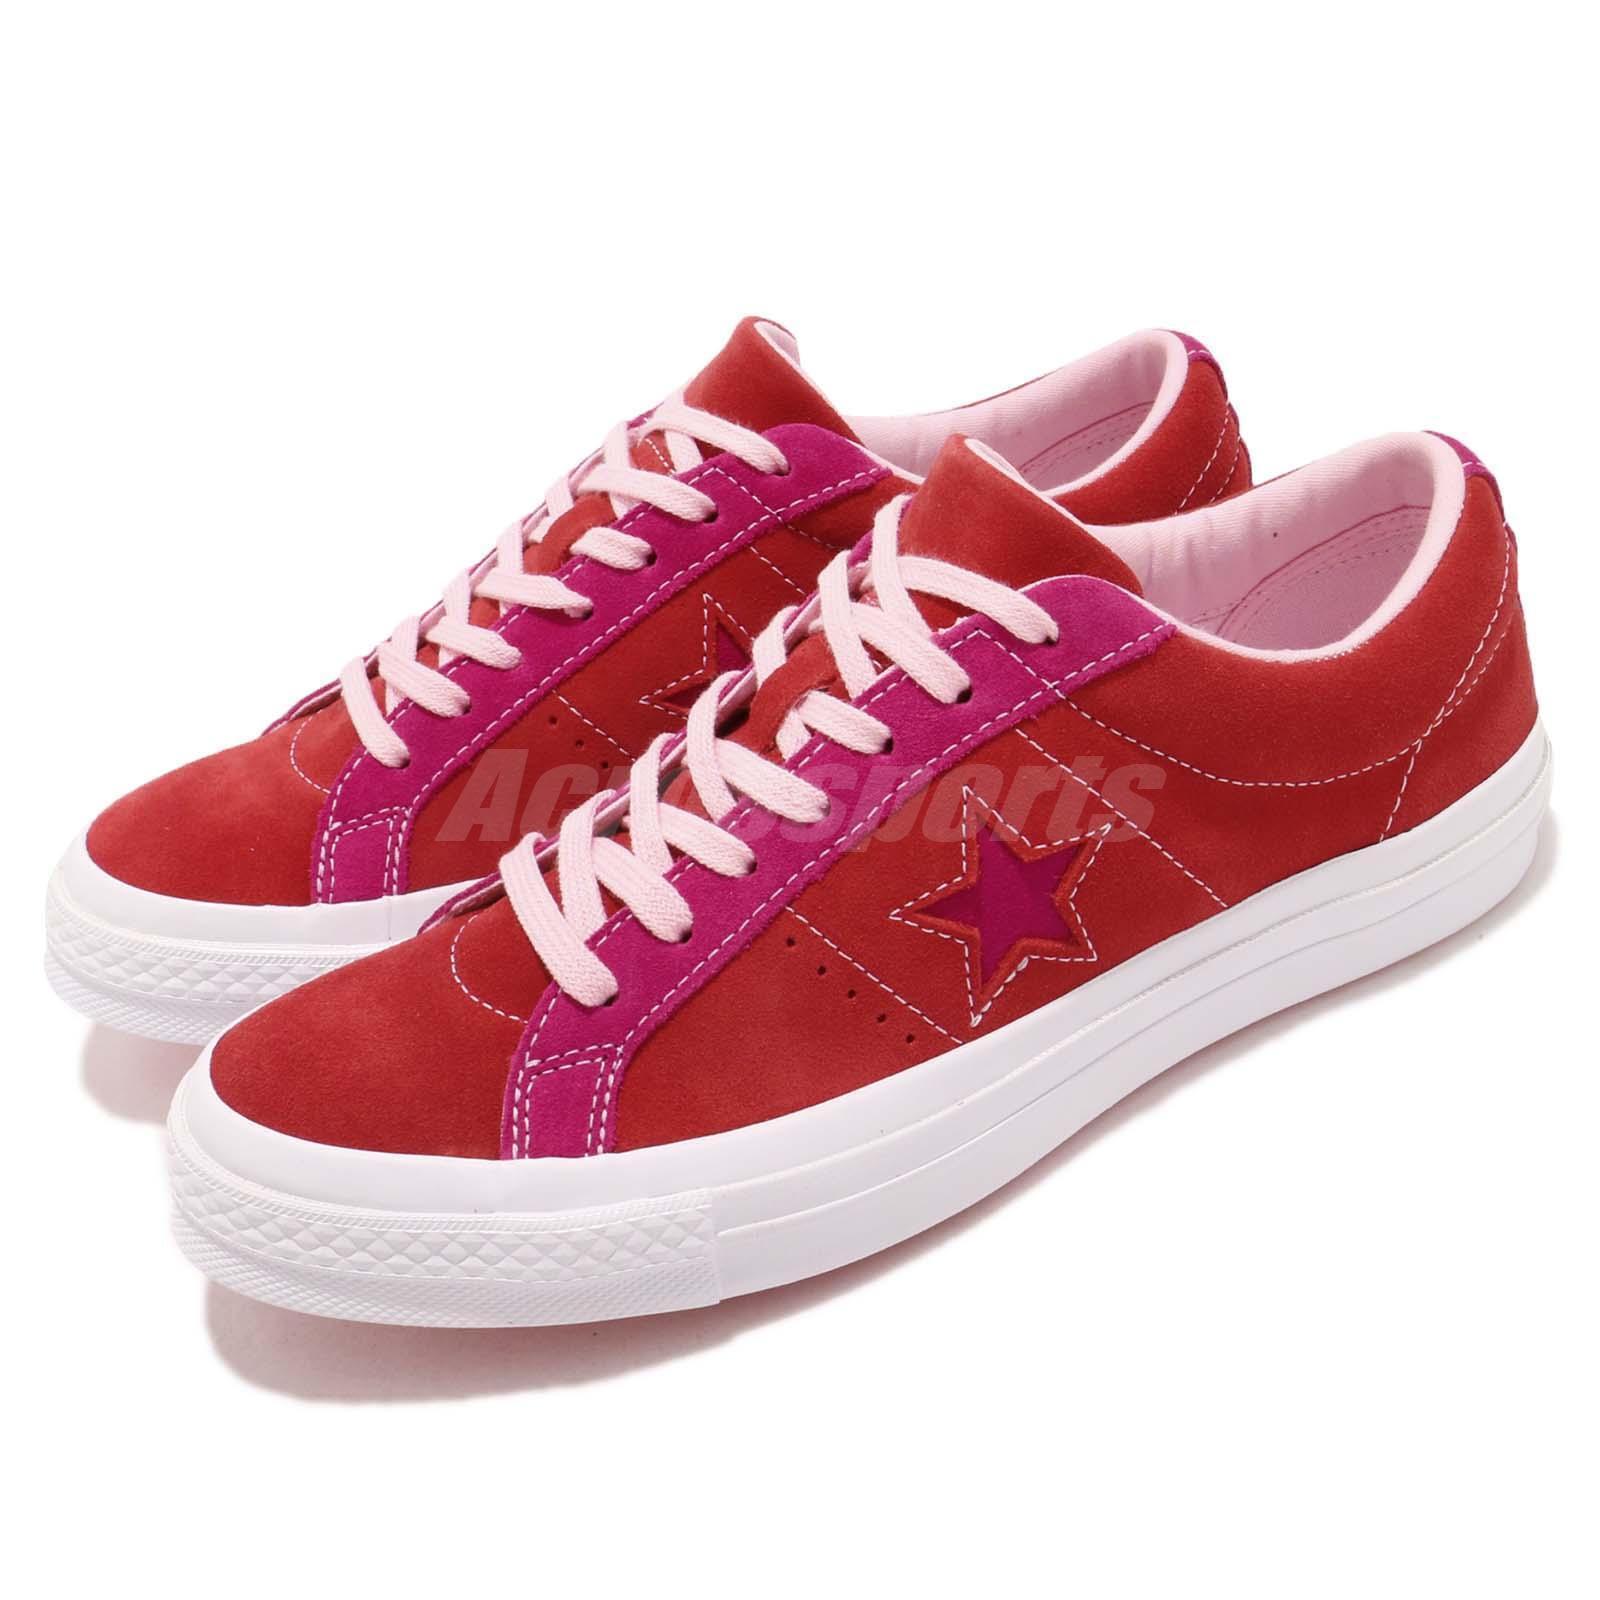 Converse One Star rosso rosa bianca Suede Men donna Casual scarpe scarpe da ginnastica 161613C | Fashionable  | Scolaro/Ragazze Scarpa